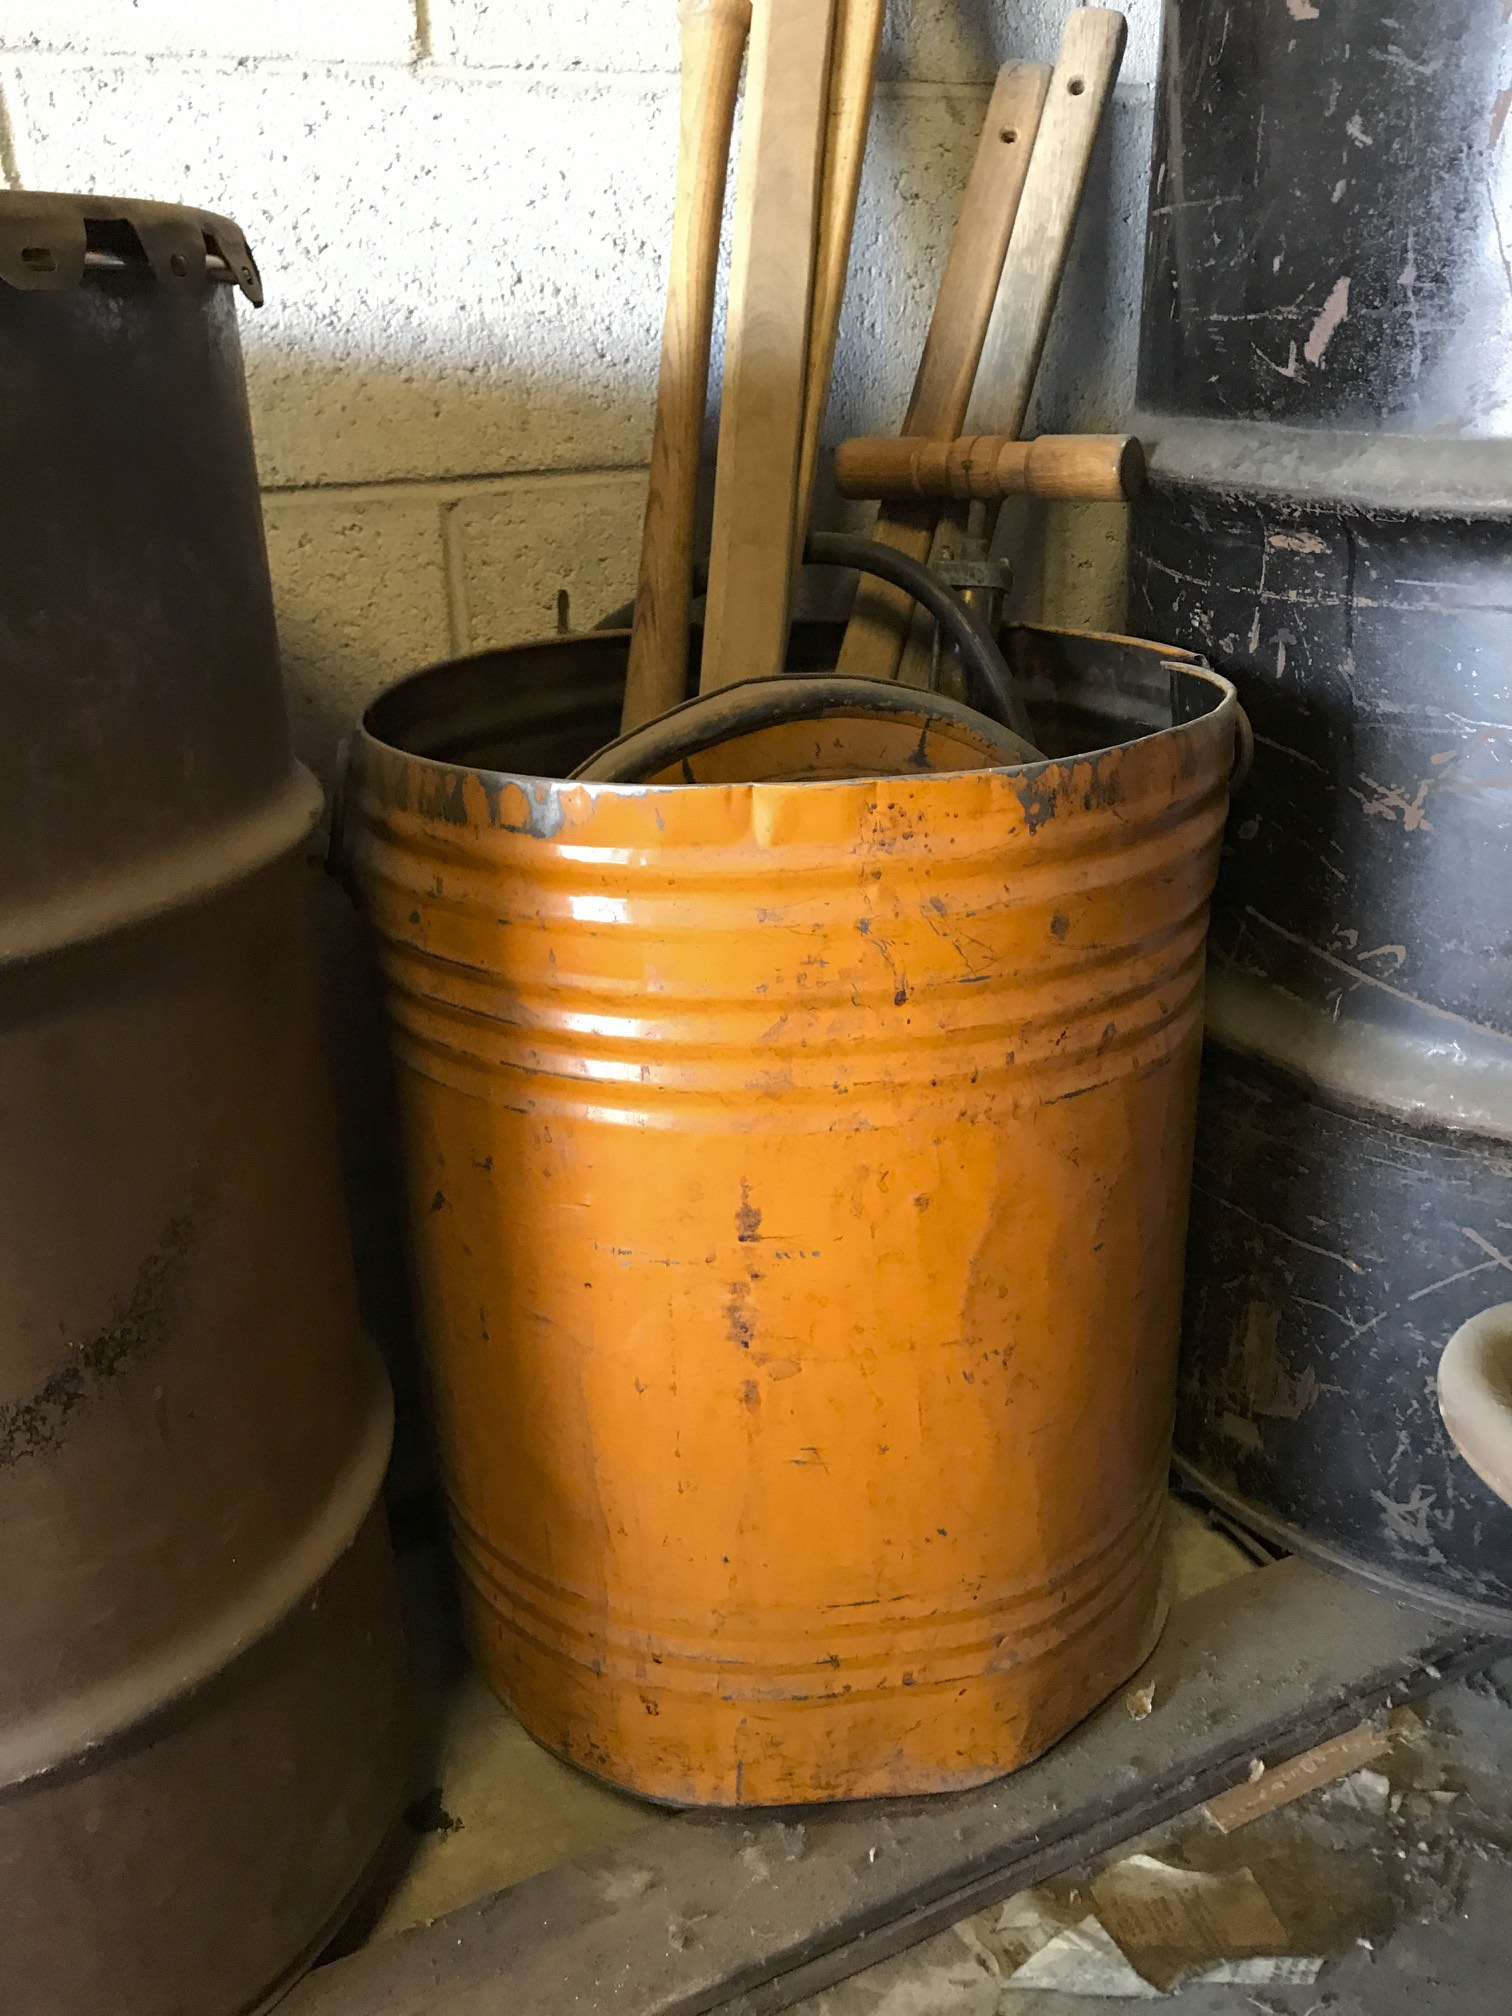 (10) Popcorn paddles/orange tin used to have popcorn in it